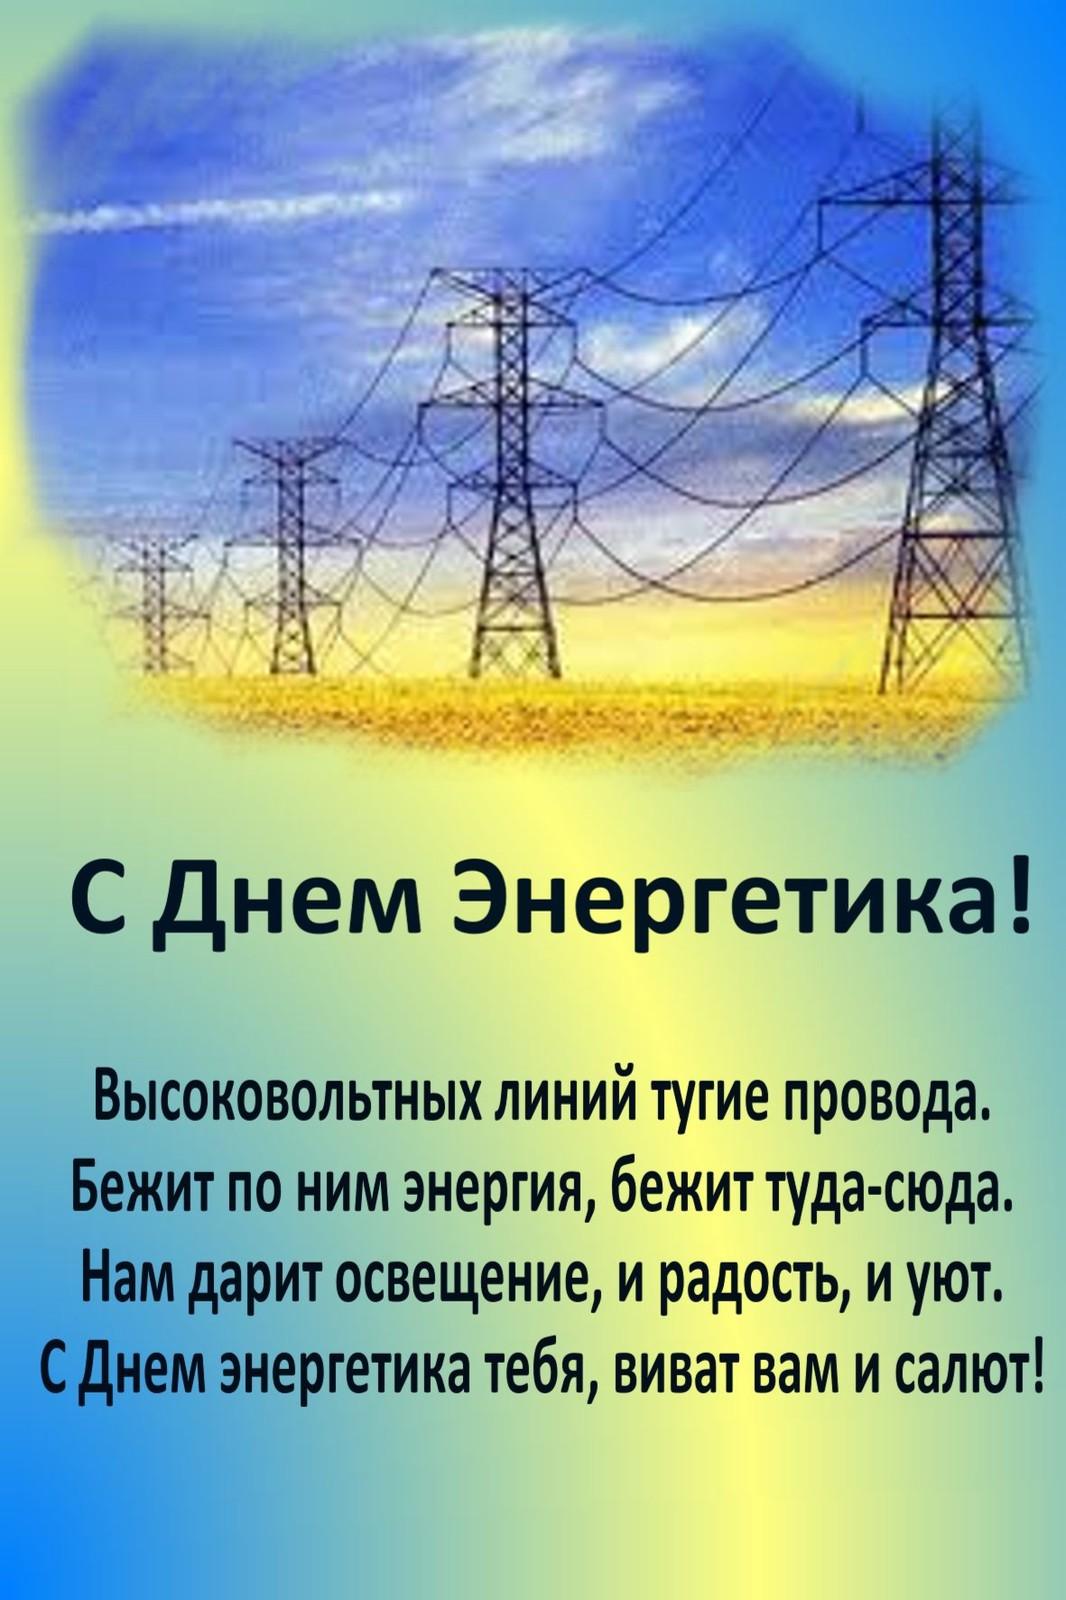 Поздравление с днём энергетика коллегам прикольные